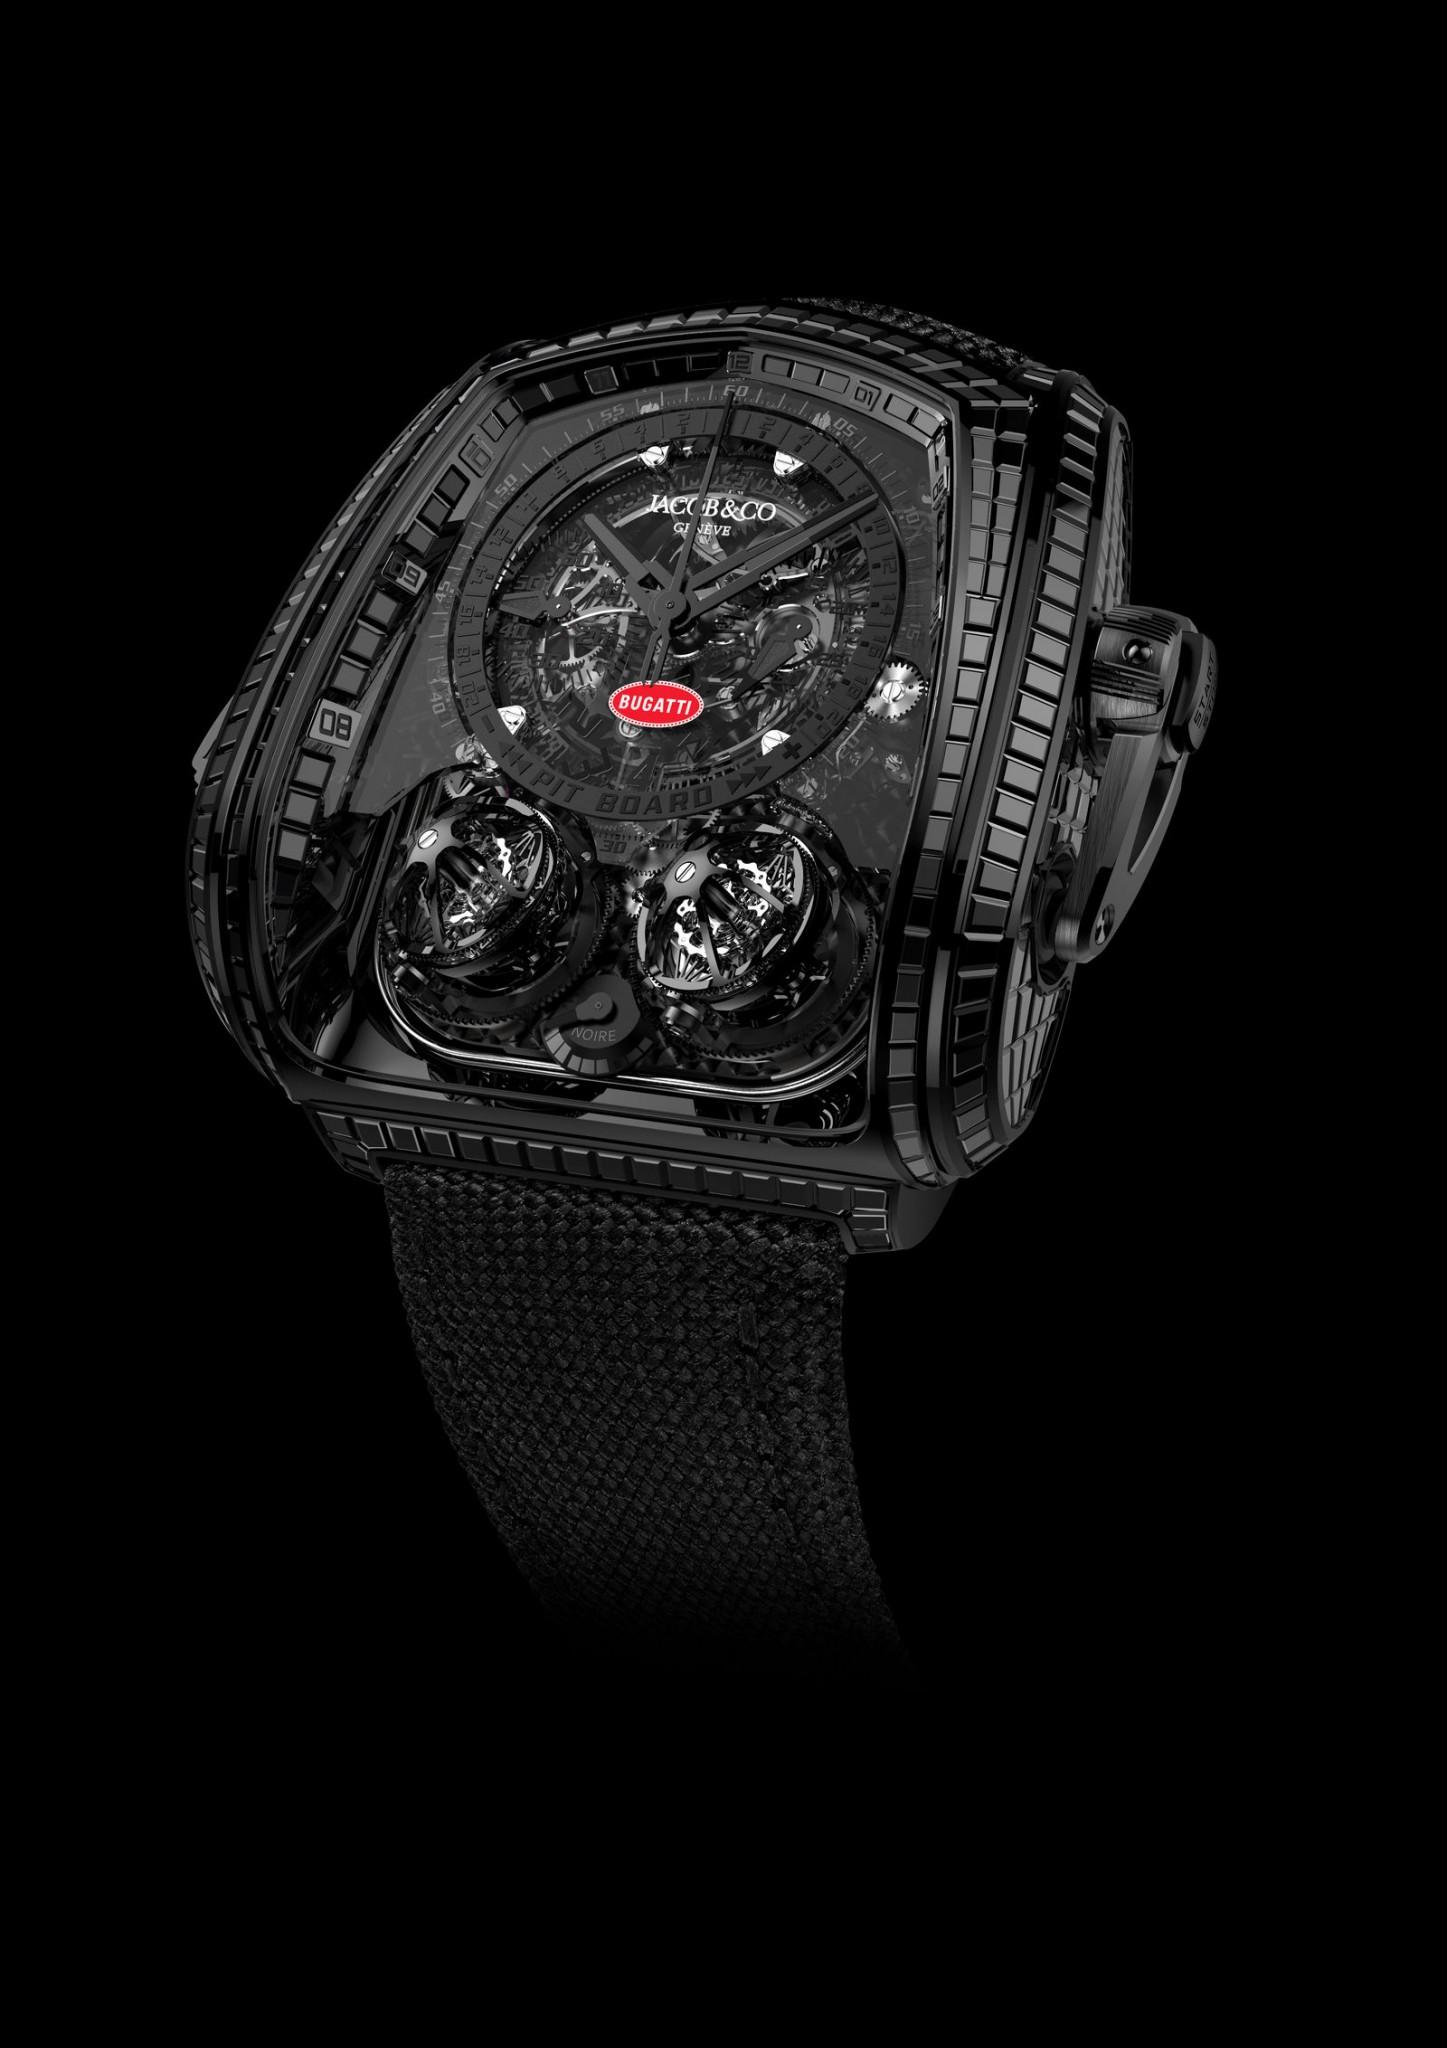 01_title_tt-furious-bugatti-la-montre-noire